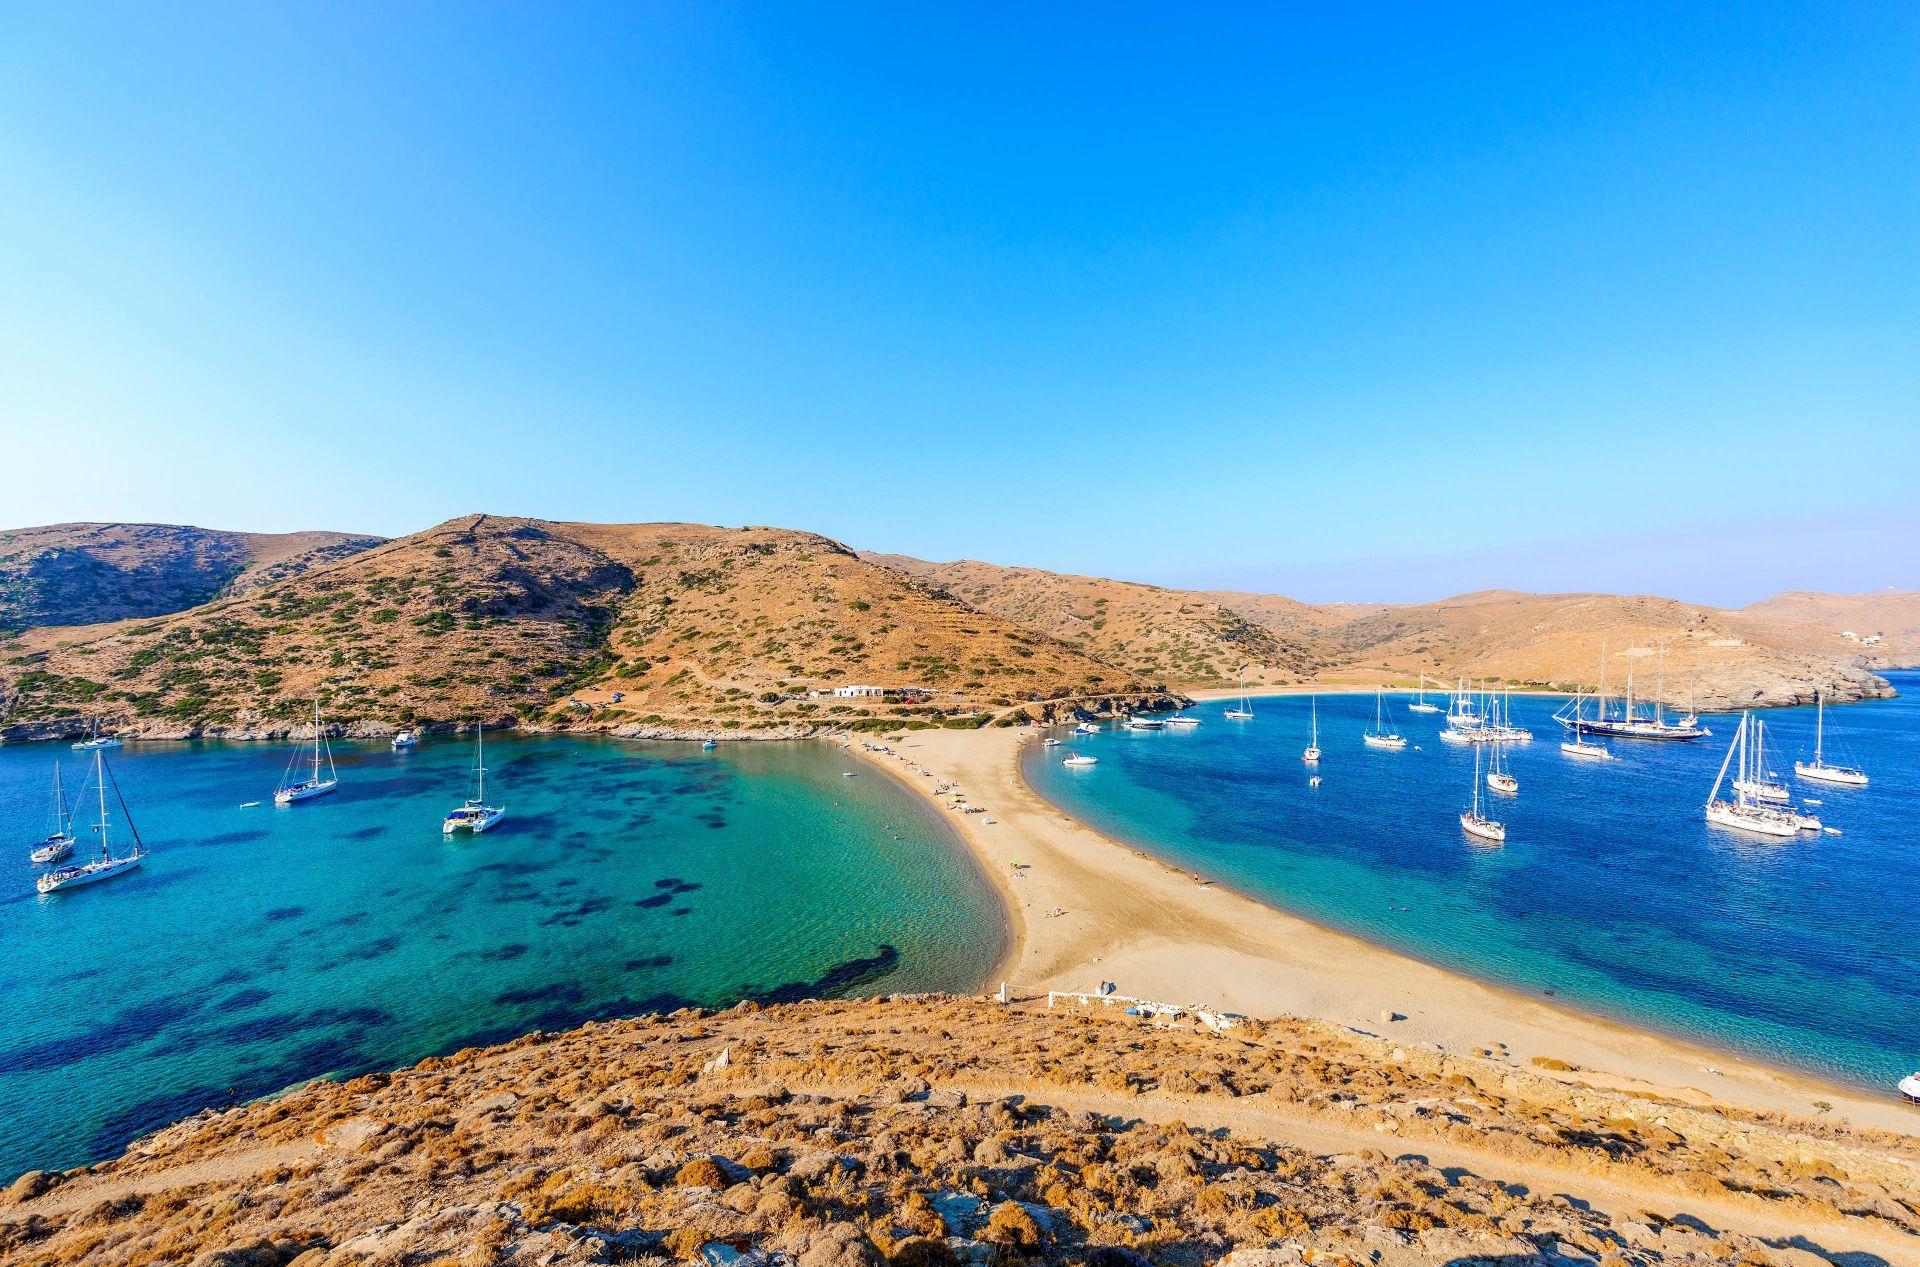 Kythnos island: Kolona